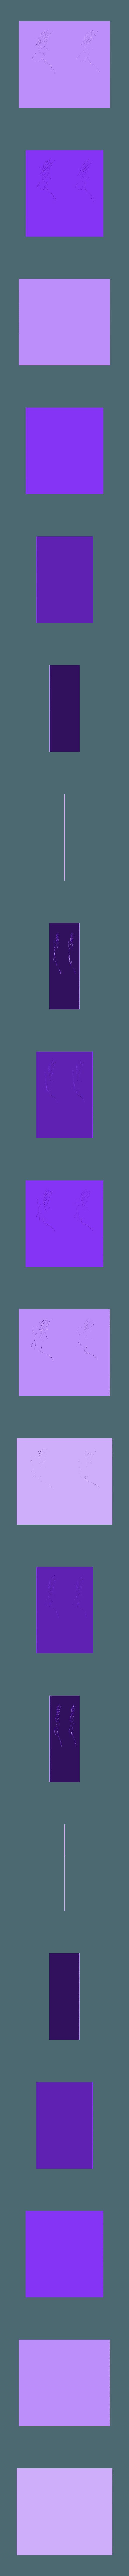 Window_Balcony_-_Balcony_Window_glass_1.stl Télécharger fichier STL gratuit Maison de fée du jardin • Plan pour impression 3D, iamjorgensen